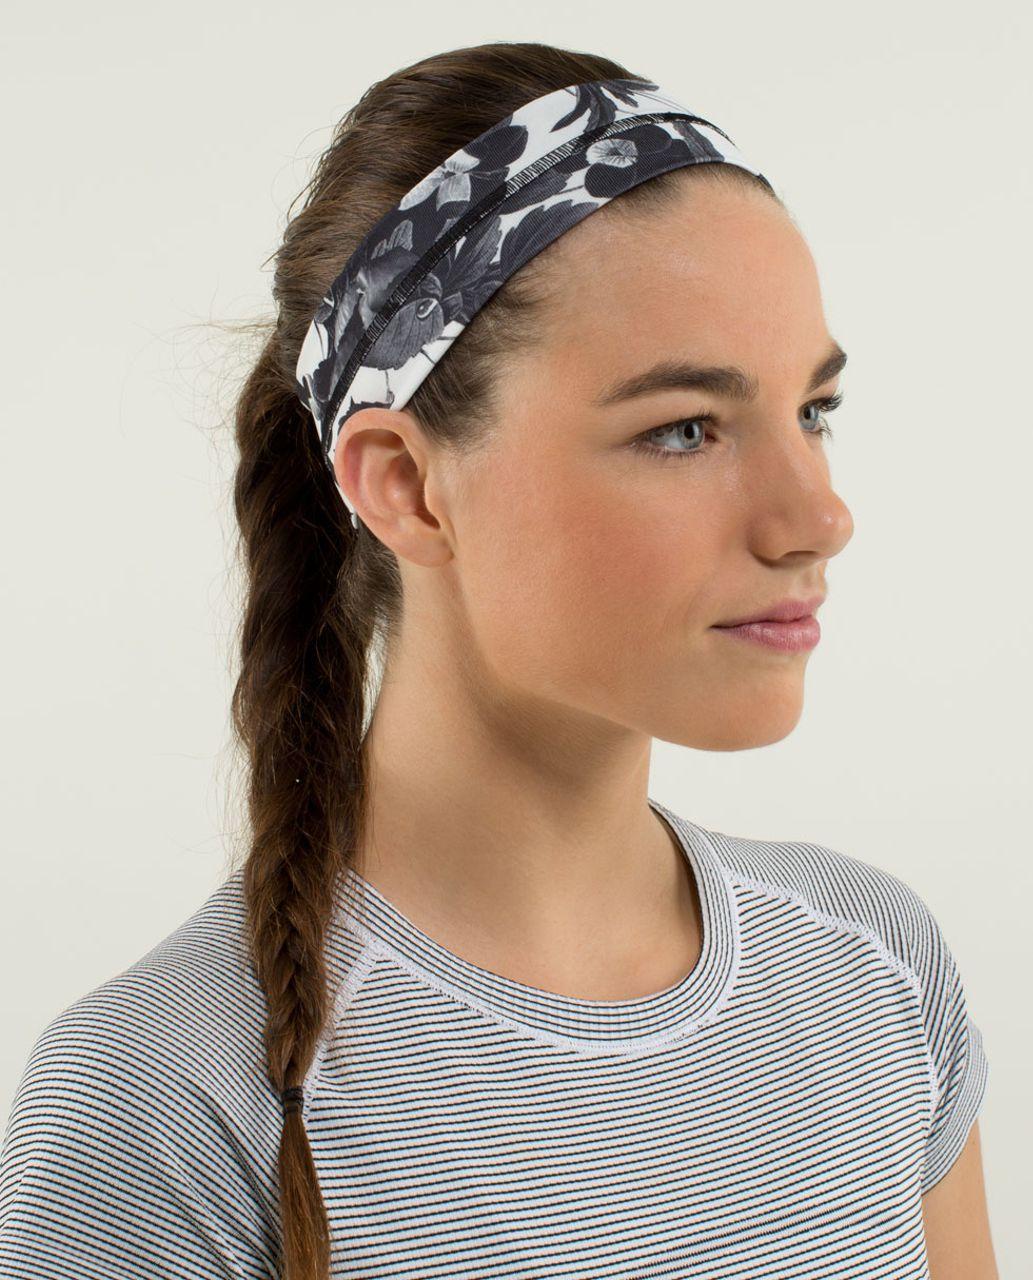 Lululemon Fly Away Tamer Headband - Brisk Bloom Black White